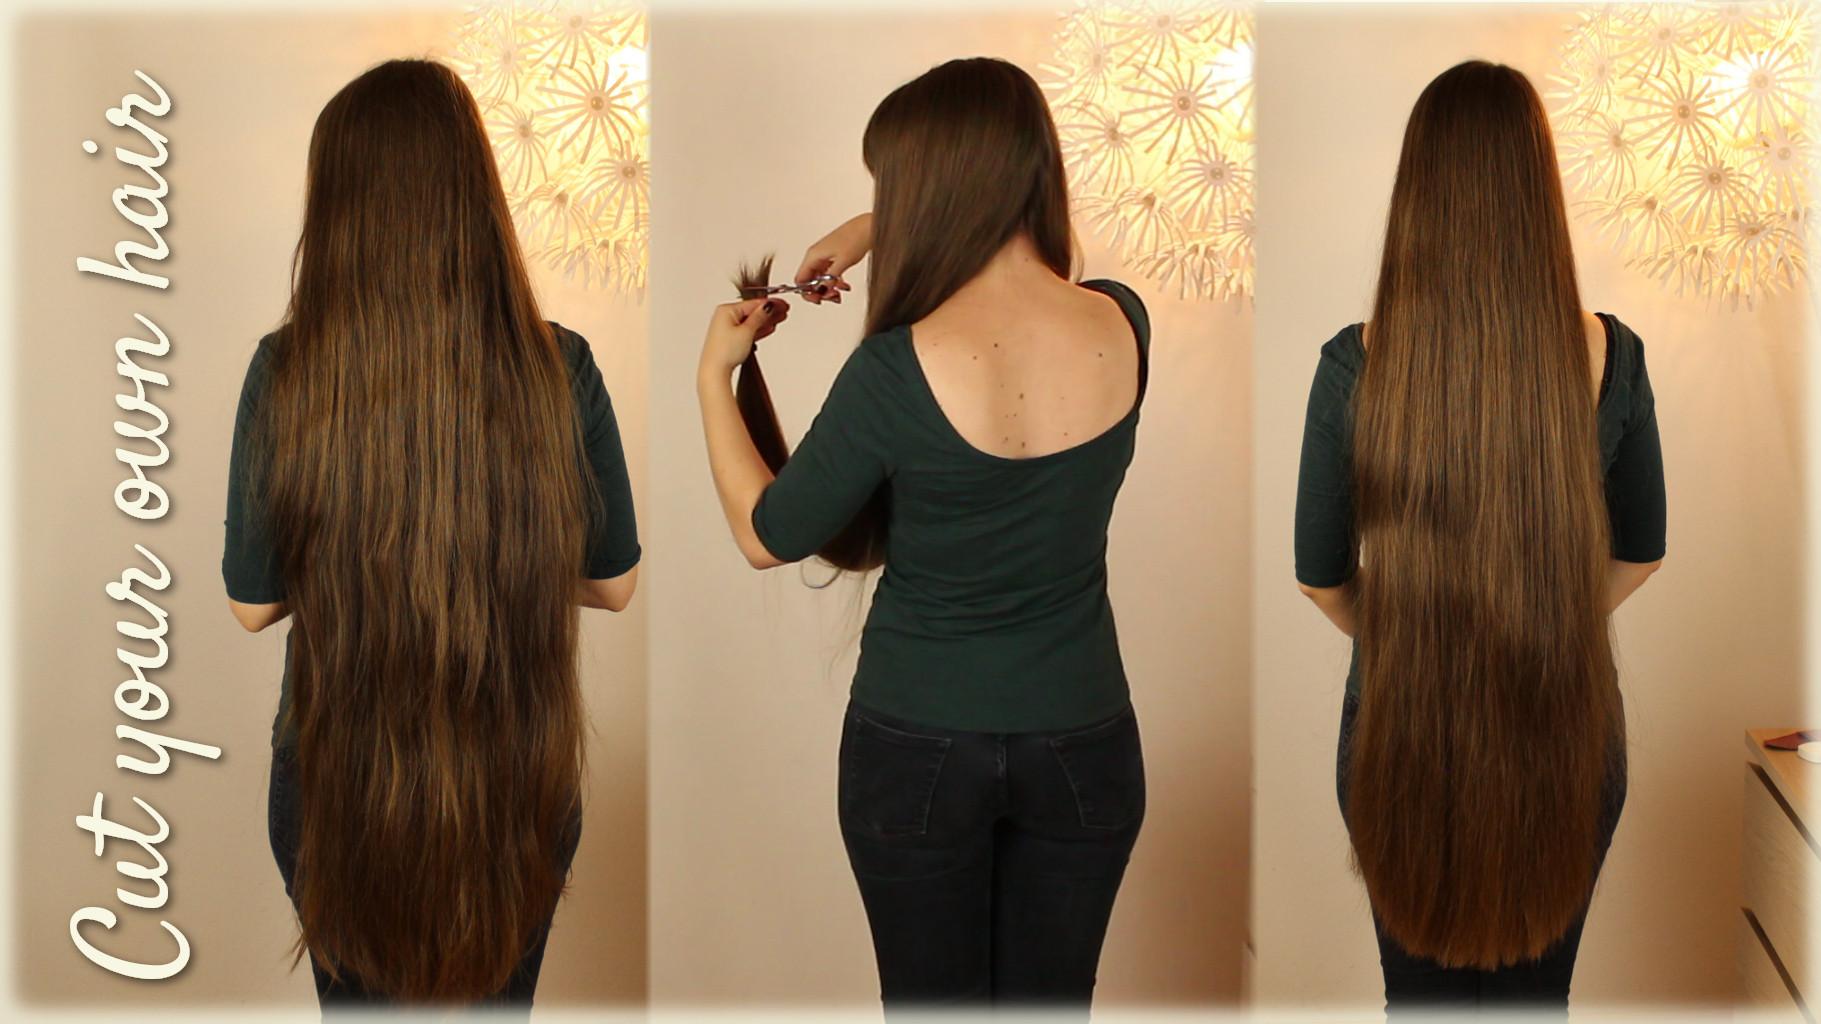 Lange haare selber schneiden zopf methode